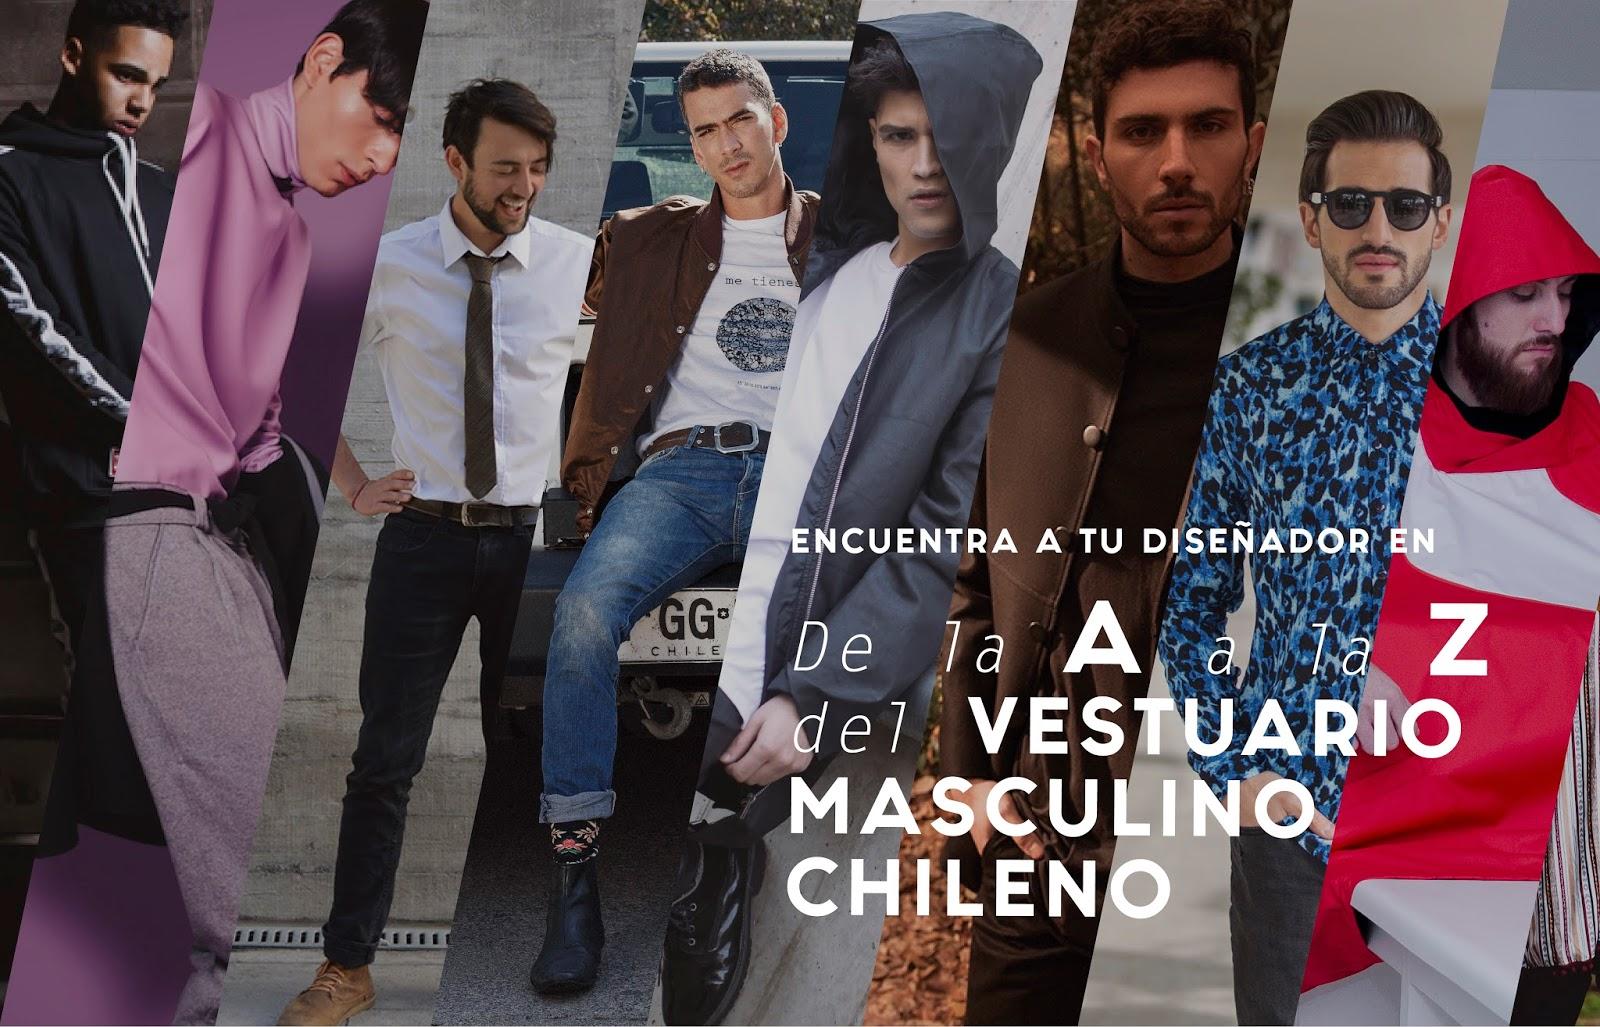 Conoce nuestra nueva sección - De la A a la Z del vestuario Masculino Chileno -